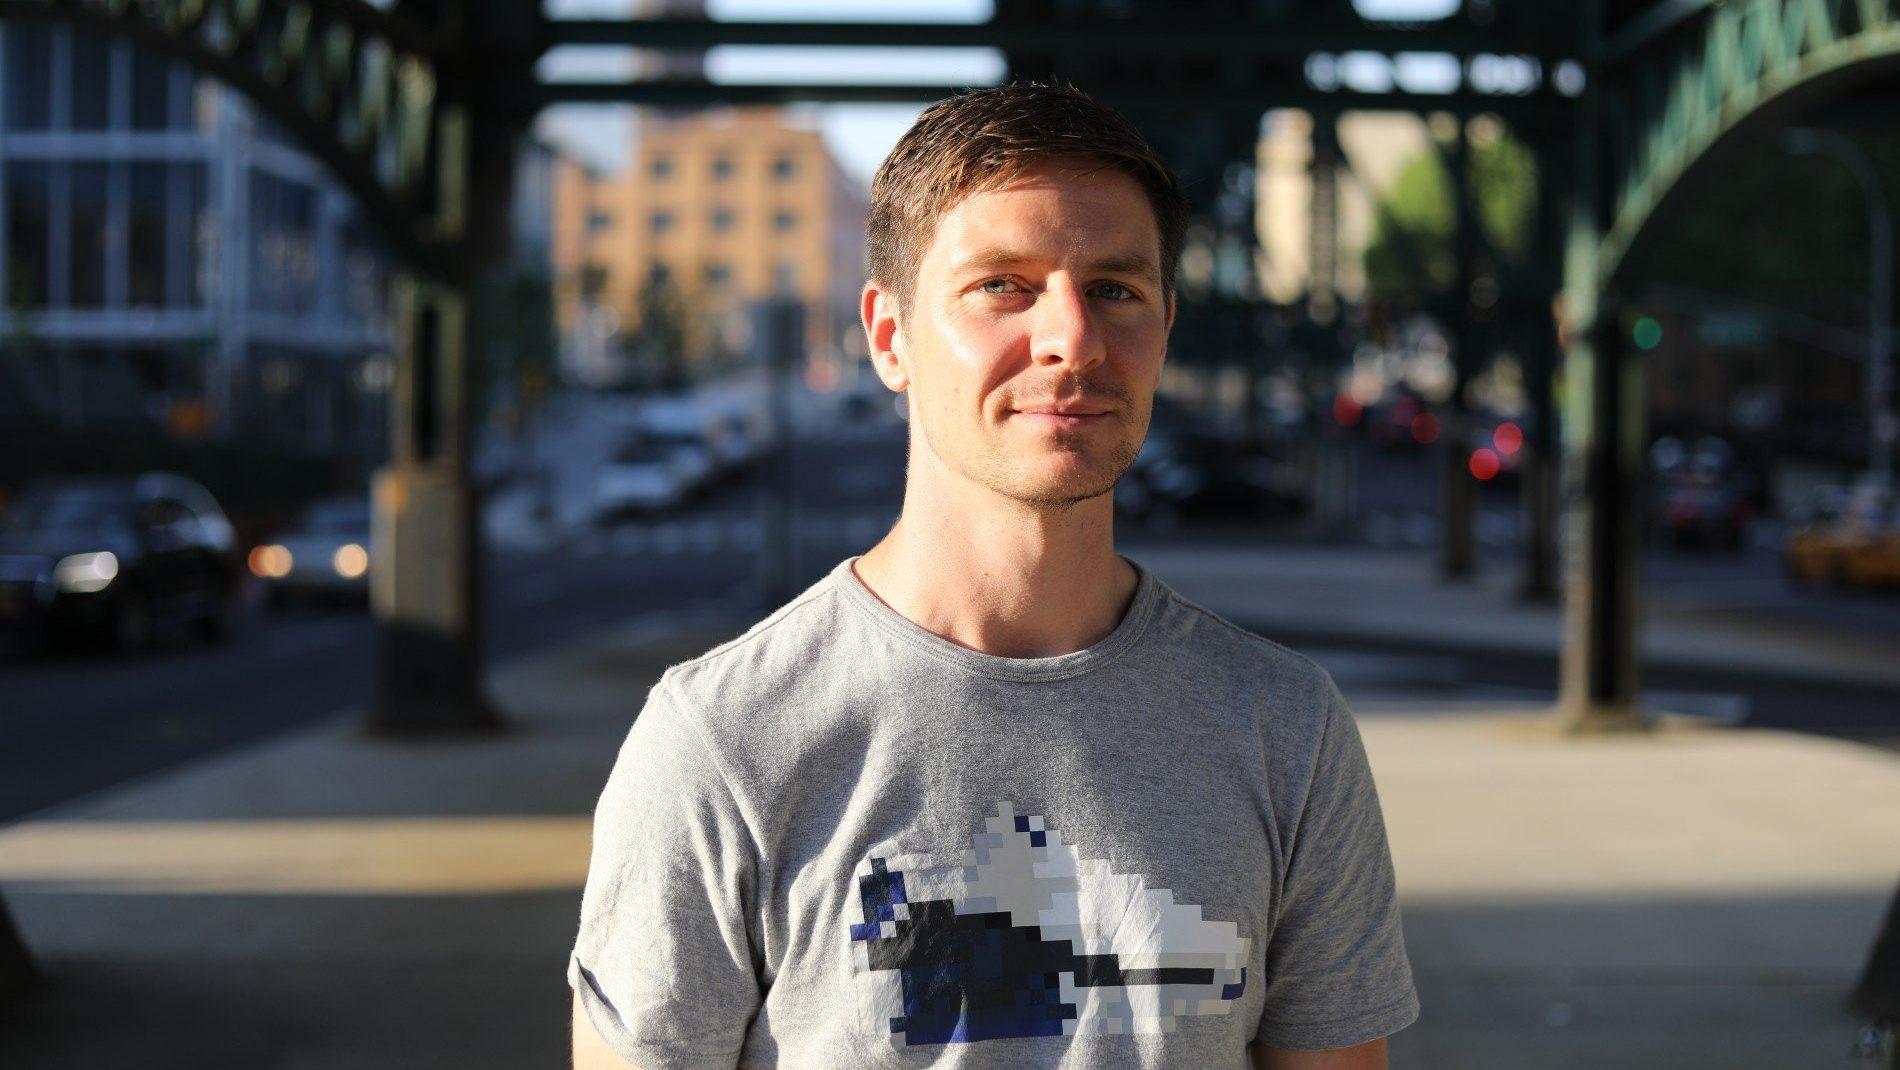 icij member Jan Lukas Strozyk